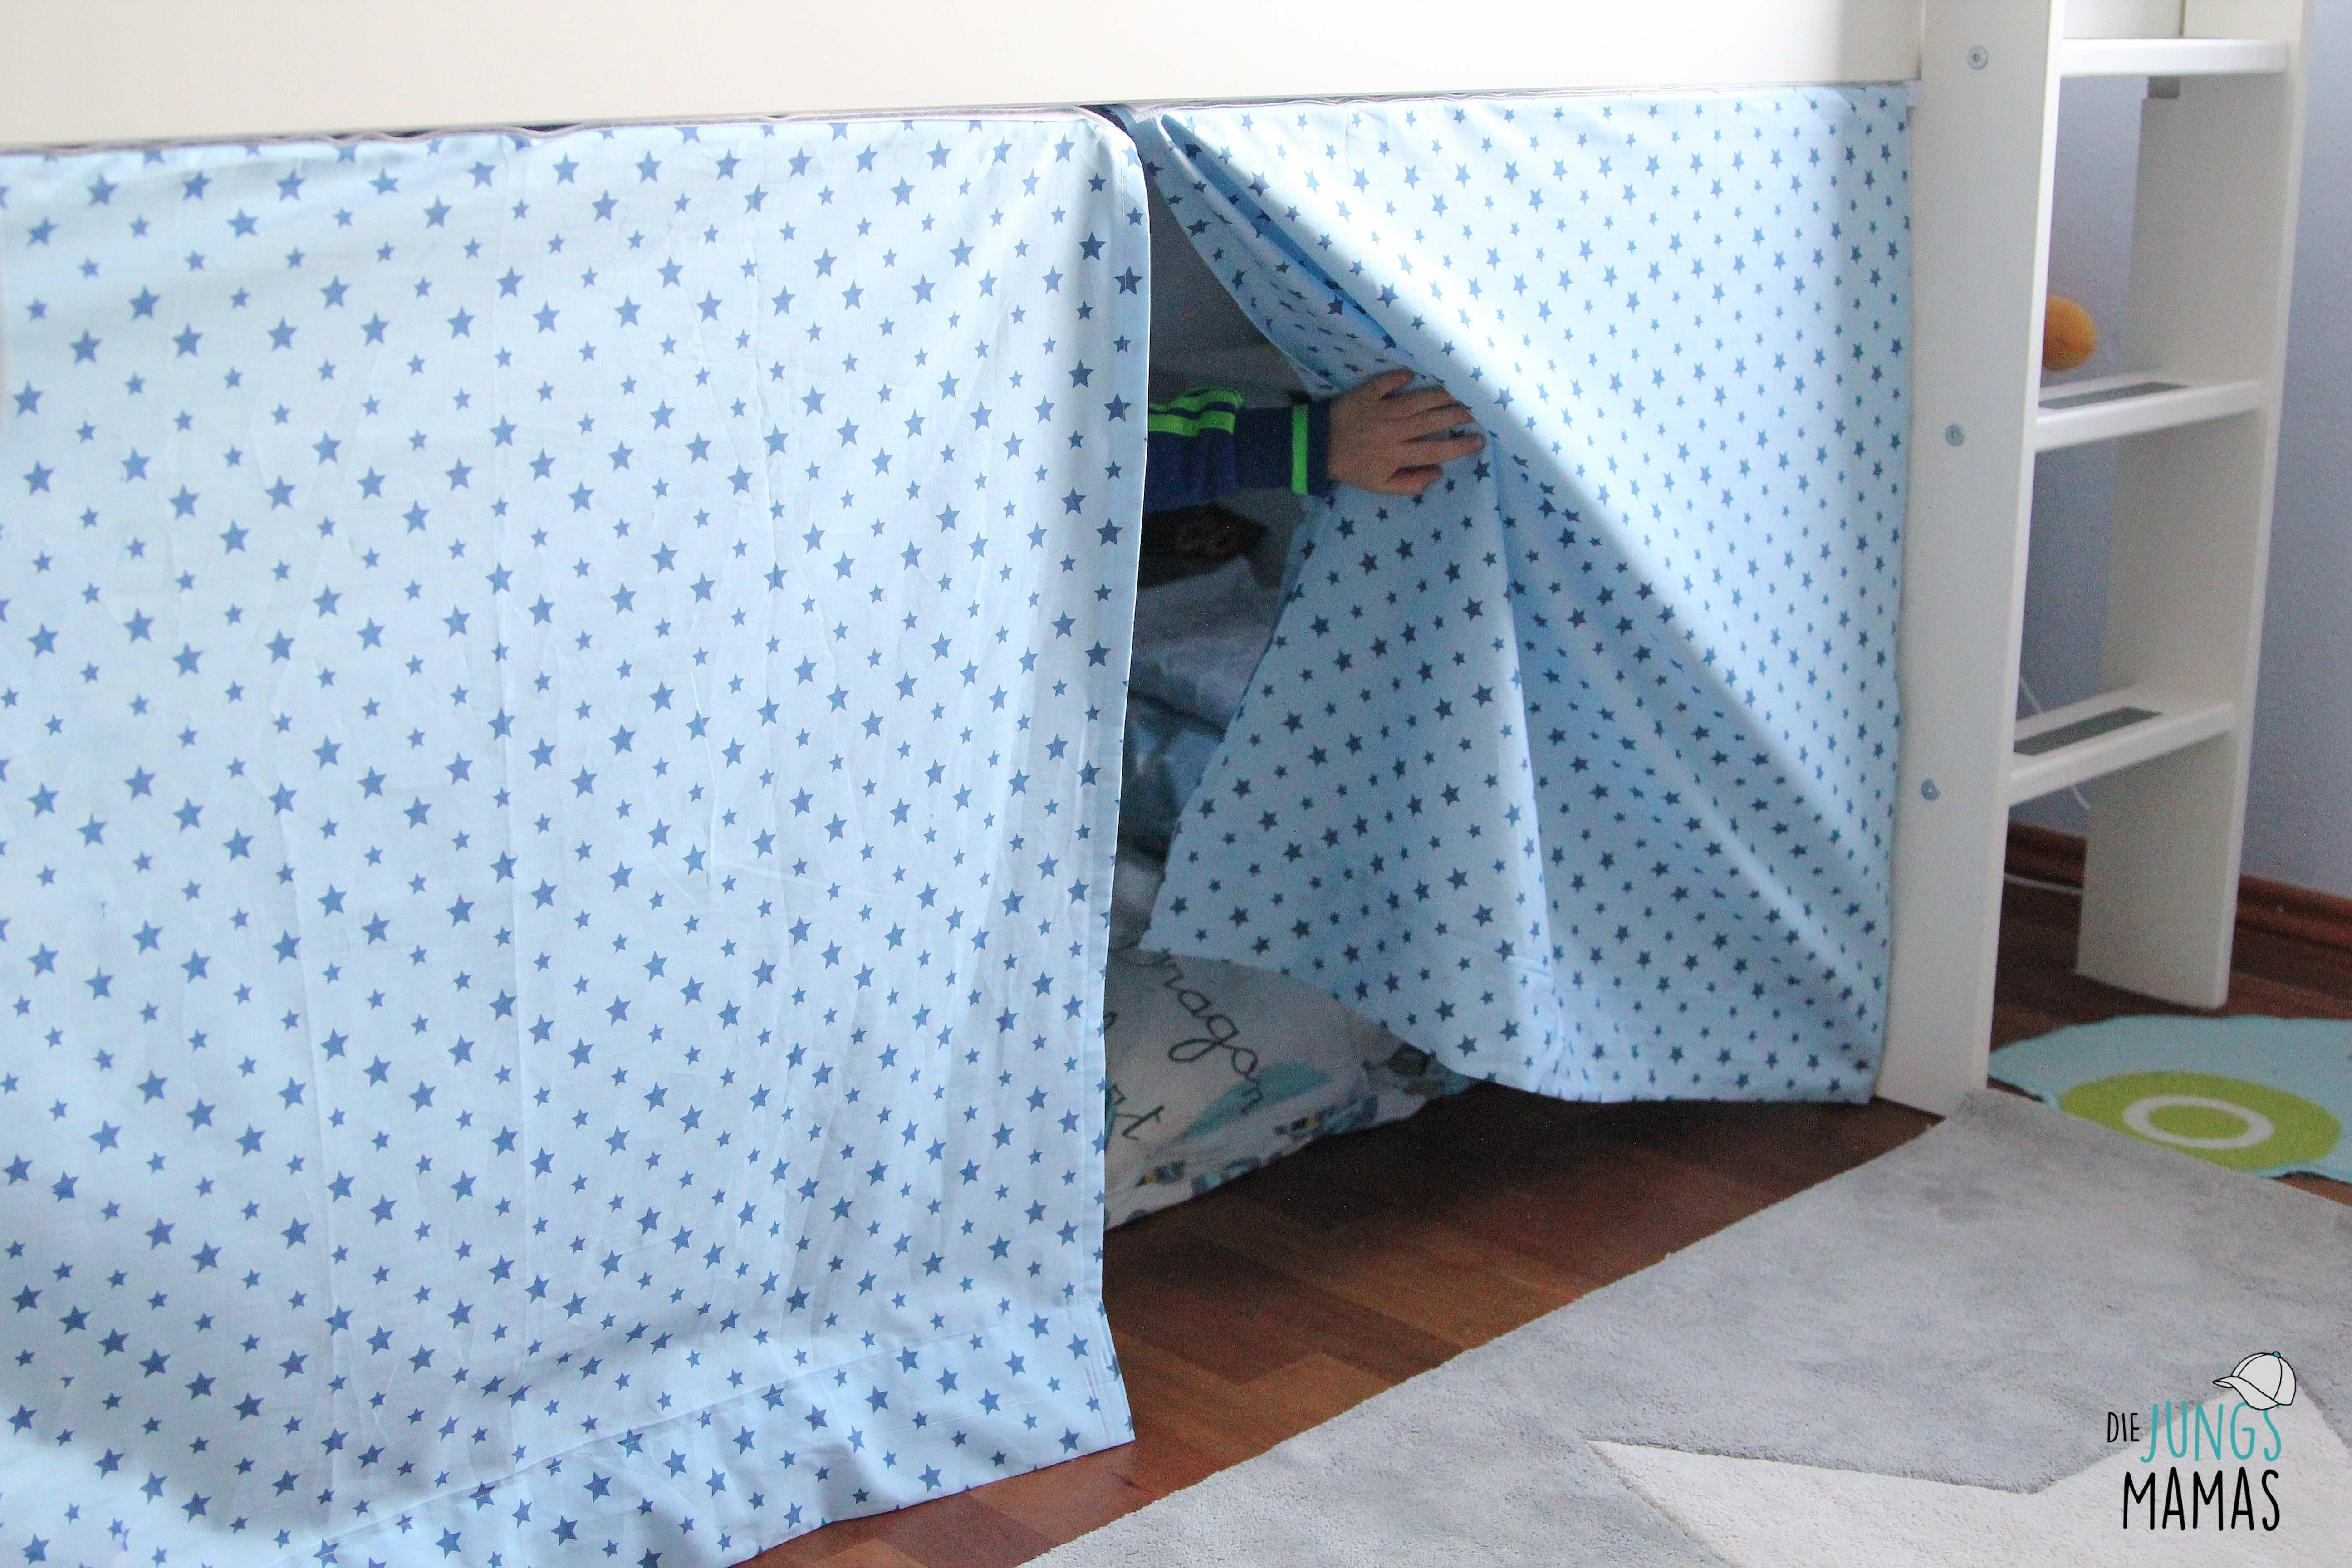 Vorhang Etagenbett Selber Nähen : Diy ein vorhang für die hochbett höhle u jungsmamas